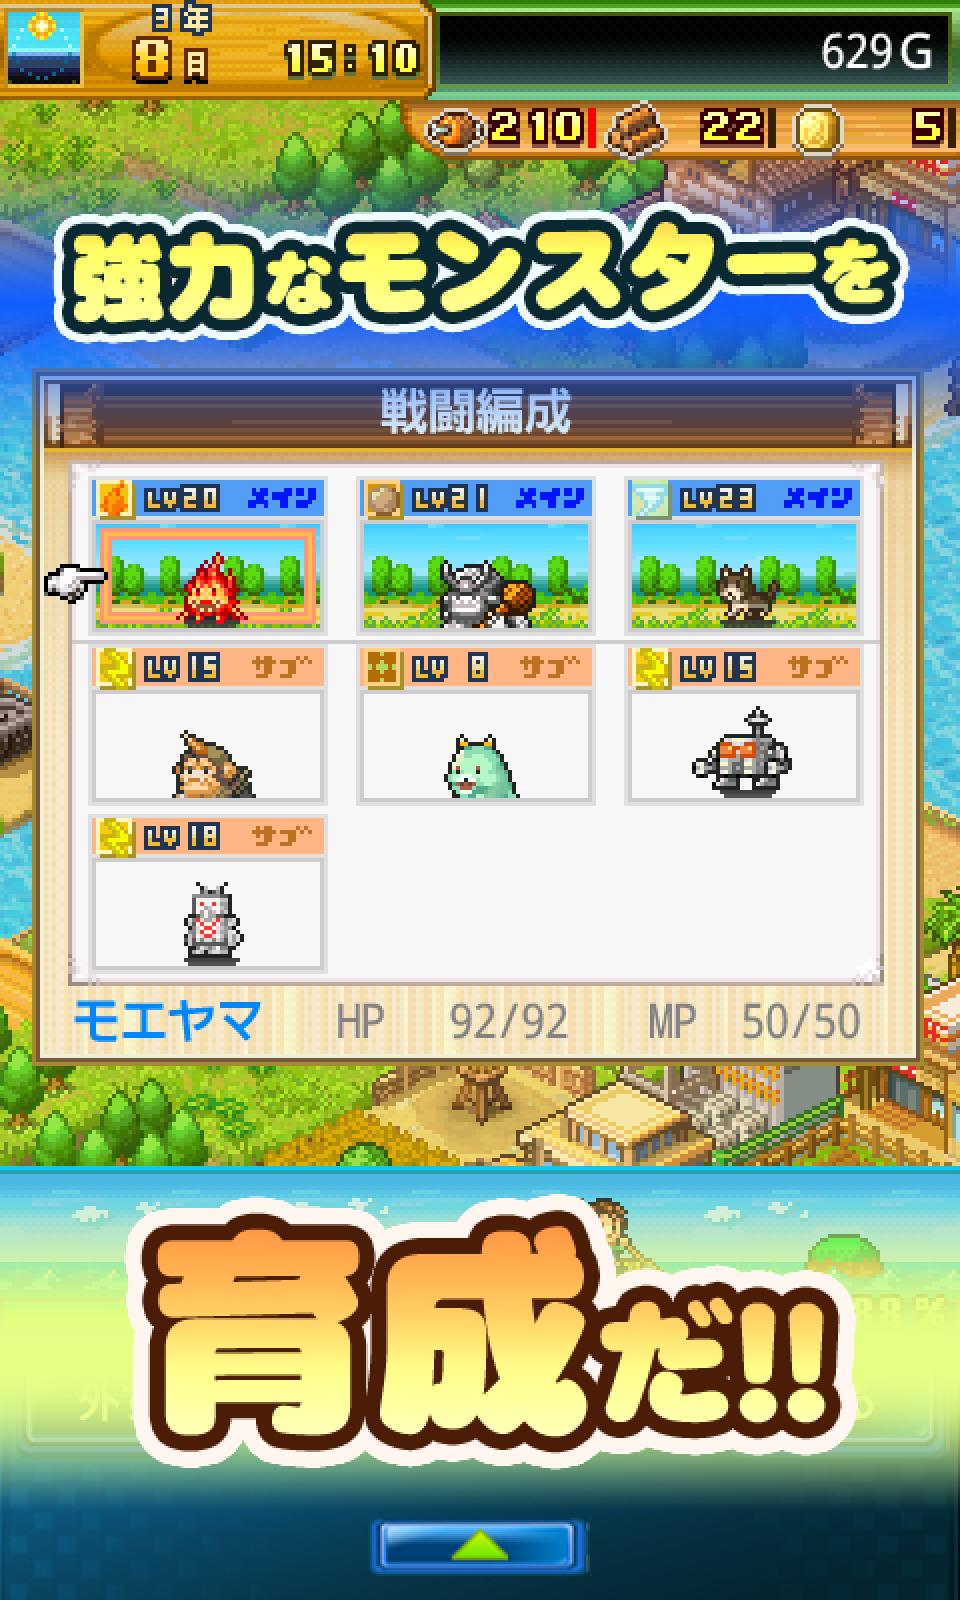 開拓サバイバル島 screenshot #21